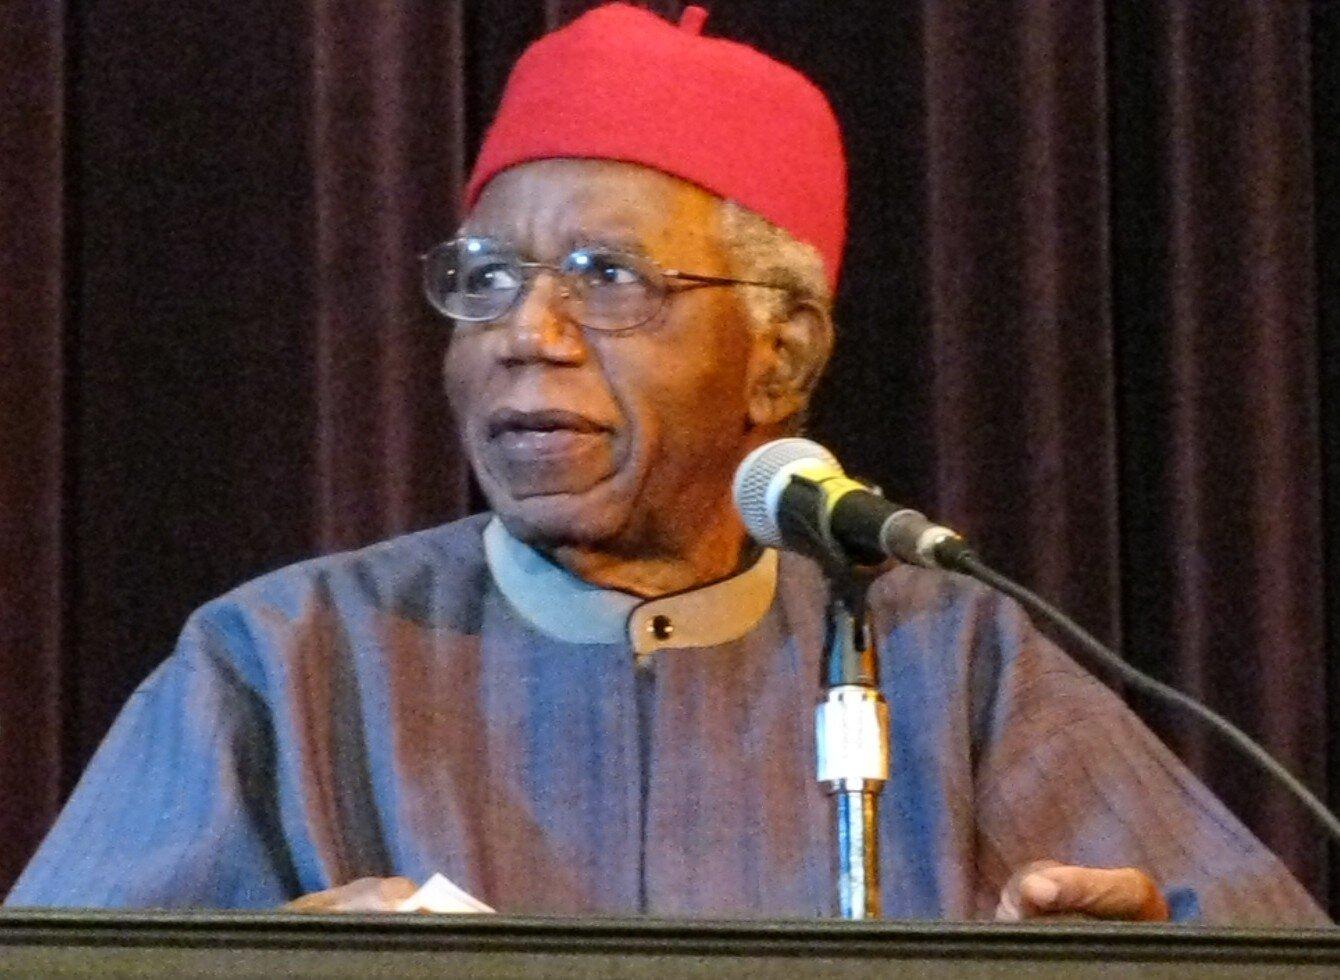 Ostatnio obserwujemy powrót do korzeni iodradzanie się kultur oraz języków miejscowych, wnajpełniejszy sposób mogących wyrazić tożsamość mieszkańców globalnego Południa. Mamy coraz więcej utworów literackich wjęzykach tubylczych, co należy uznać za dobitny wyraz dążenia do dekolonizacji kultur ipotrzeby niezależności politycznej, ale ikulturowej. Ojcem nowoczesnej literatury afrykańskiej jest Nigeryjczyk Chinua Achebe (na zdjęciu).